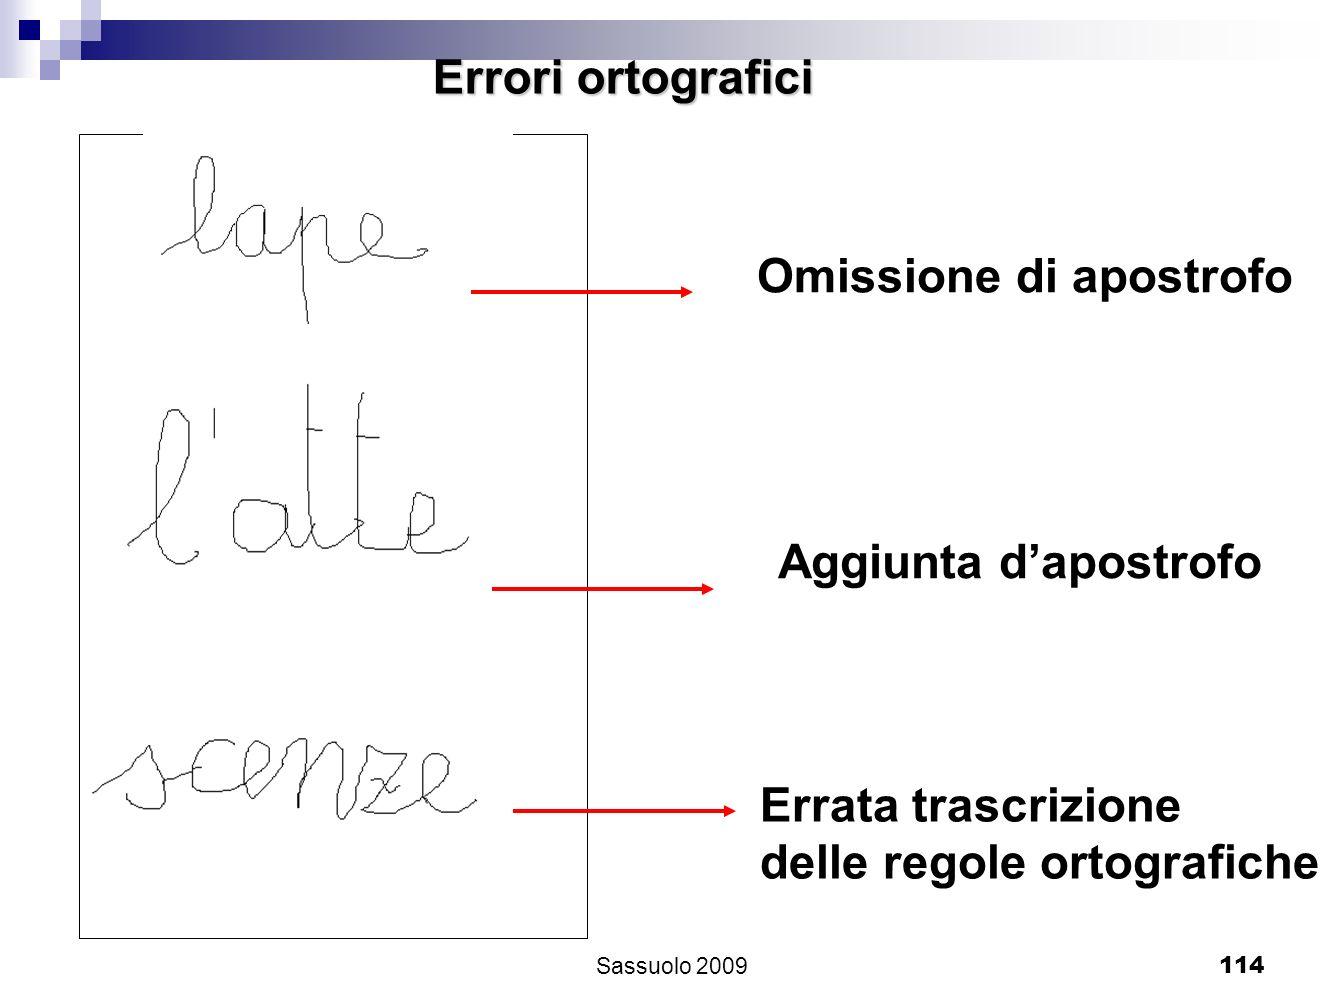 114 Errori ortografici Omissione di apostrofo Aggiunta dapostrofo Errata trascrizione delle regole ortografiche Sassuolo 2009